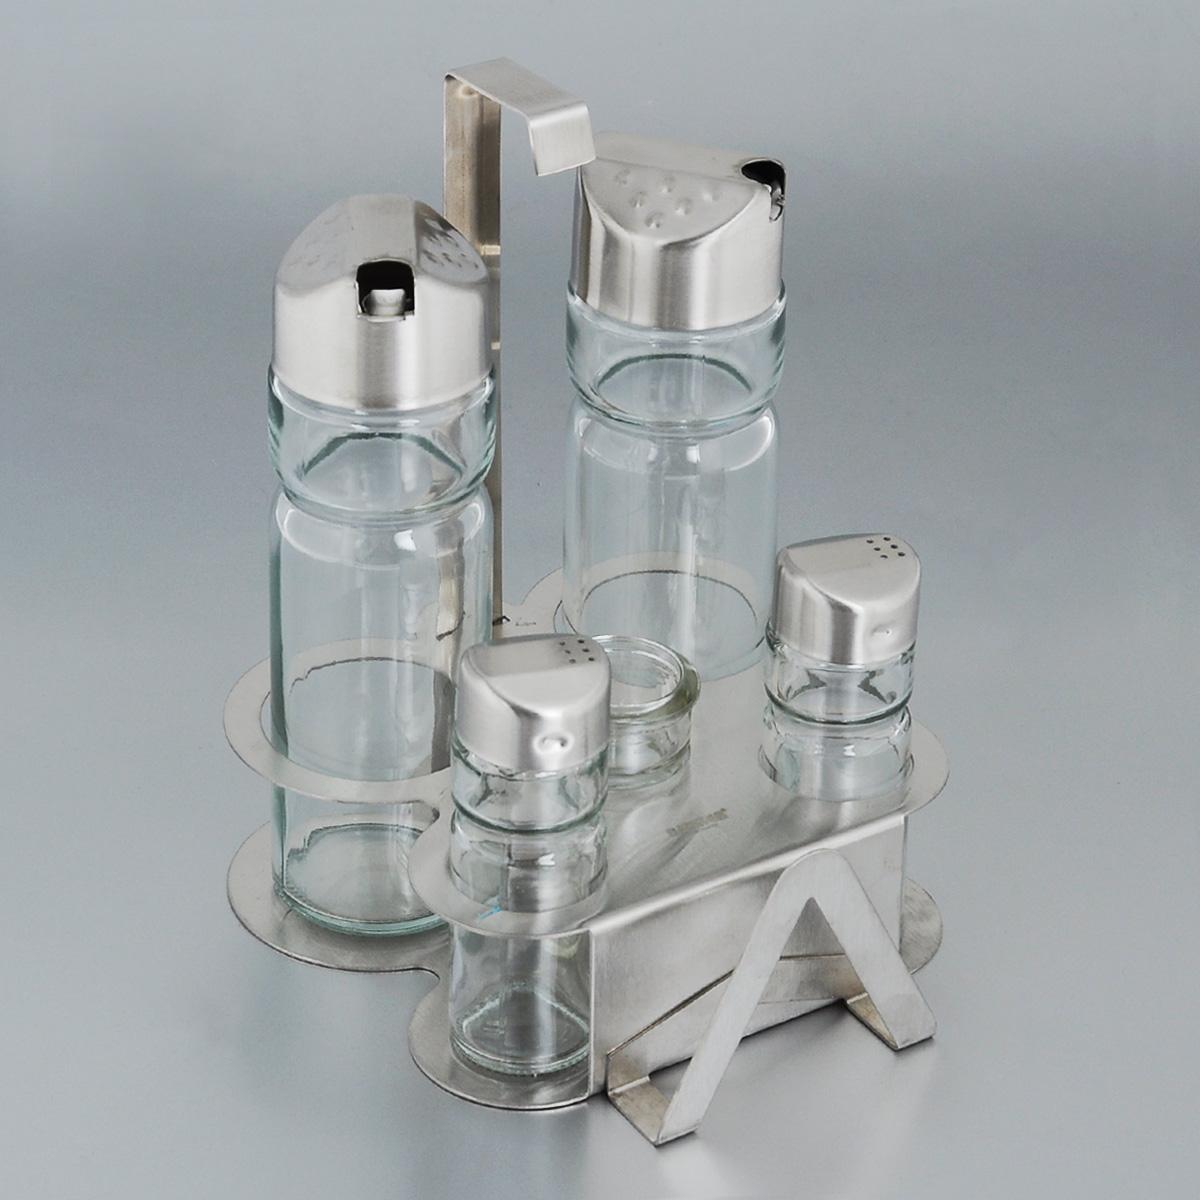 Набор для специй Bekker, 6 предметов. BK-3100 (24)BK-3100 (24)Набор для специй Bekker состоит из солонки, перечницы, двух дозаторов для масла и уксуса, емкости для зубочисток и подставки. Емкости выполнены из стекла и оснащены металлическими крышками. В комплекте имеется подставка из нержавеющей стали с матовой полировкой. Подставка оснащена специальными выемками для емкостей и салфетницей. Такой набор стильно украсит кухонный стол, а благодаря качеству материалов и высококлассной обработке прослужит долгие годы. Высота солонки/перечницы: 9 см. Диаметр солонки/перечницы: 3 см. Высота емкости для зубочисток: 6 см. Диаметр емкости для зубочисток: 3 см. Высота дозаторов: 16 см. Диаметр дозаторов: 5 см. Размер подставки (ДхШхВ): 14,5 см х 14 см х 18 см.